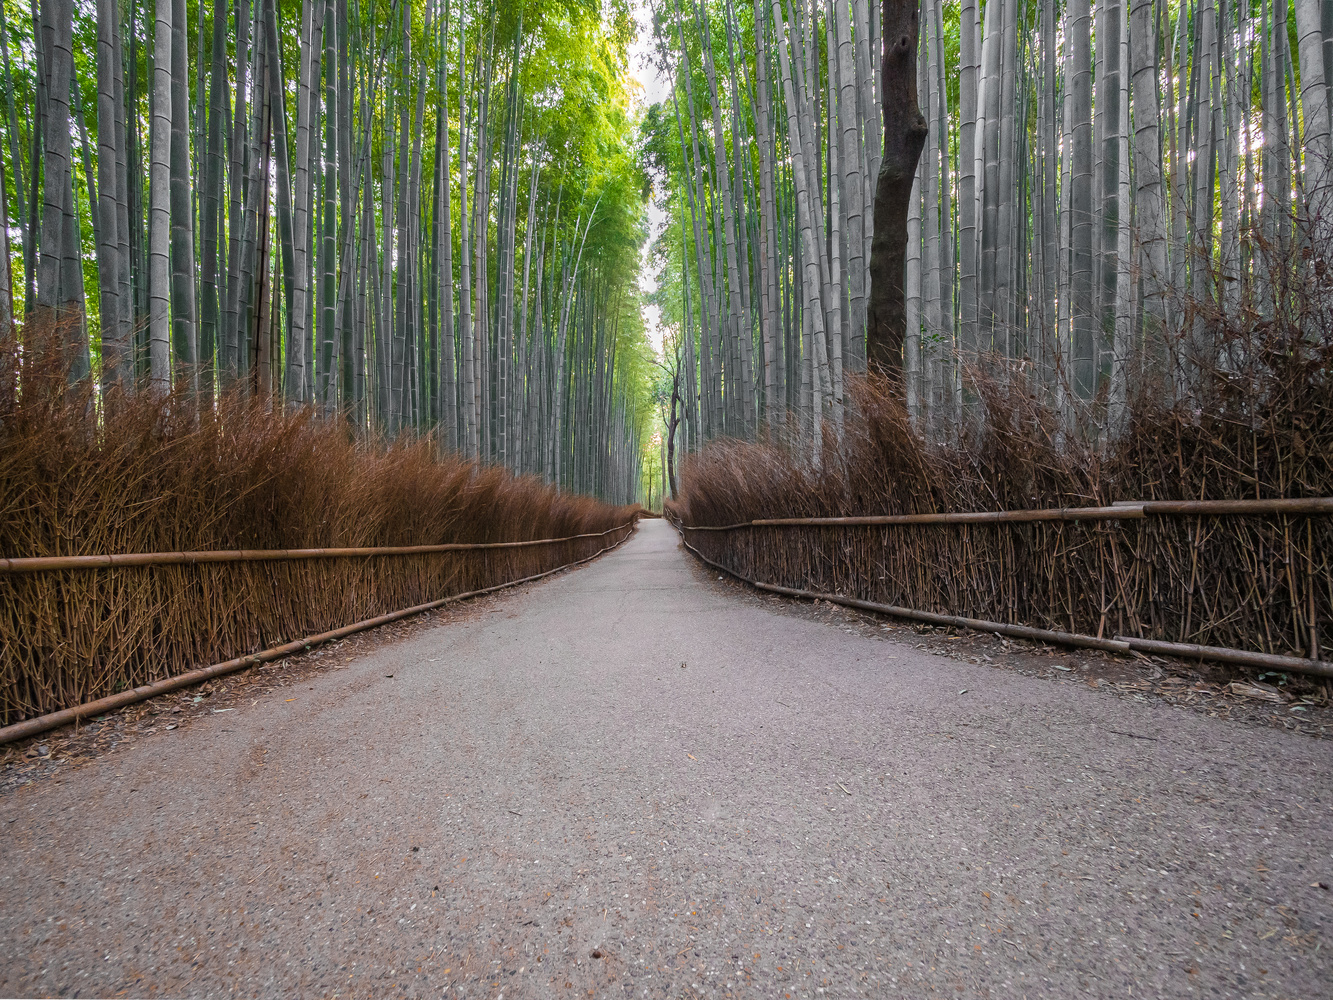 Bamboo forest by Jerzy Wolochowicz